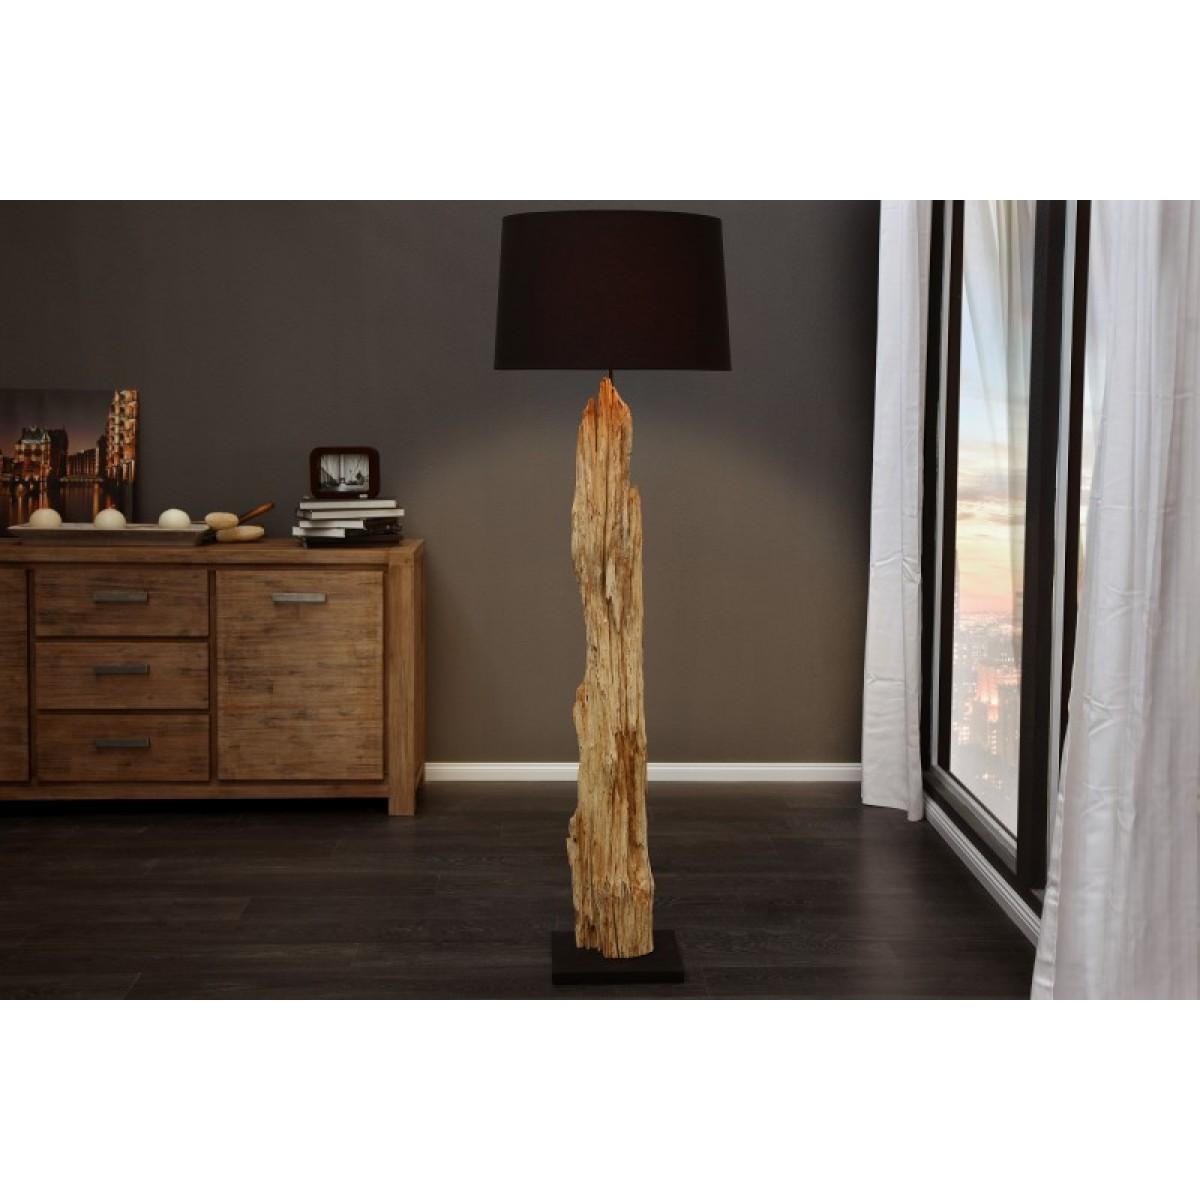 Stehleuchte Schwarz Holz Stehlampe Altholz Mit Lampenschirm